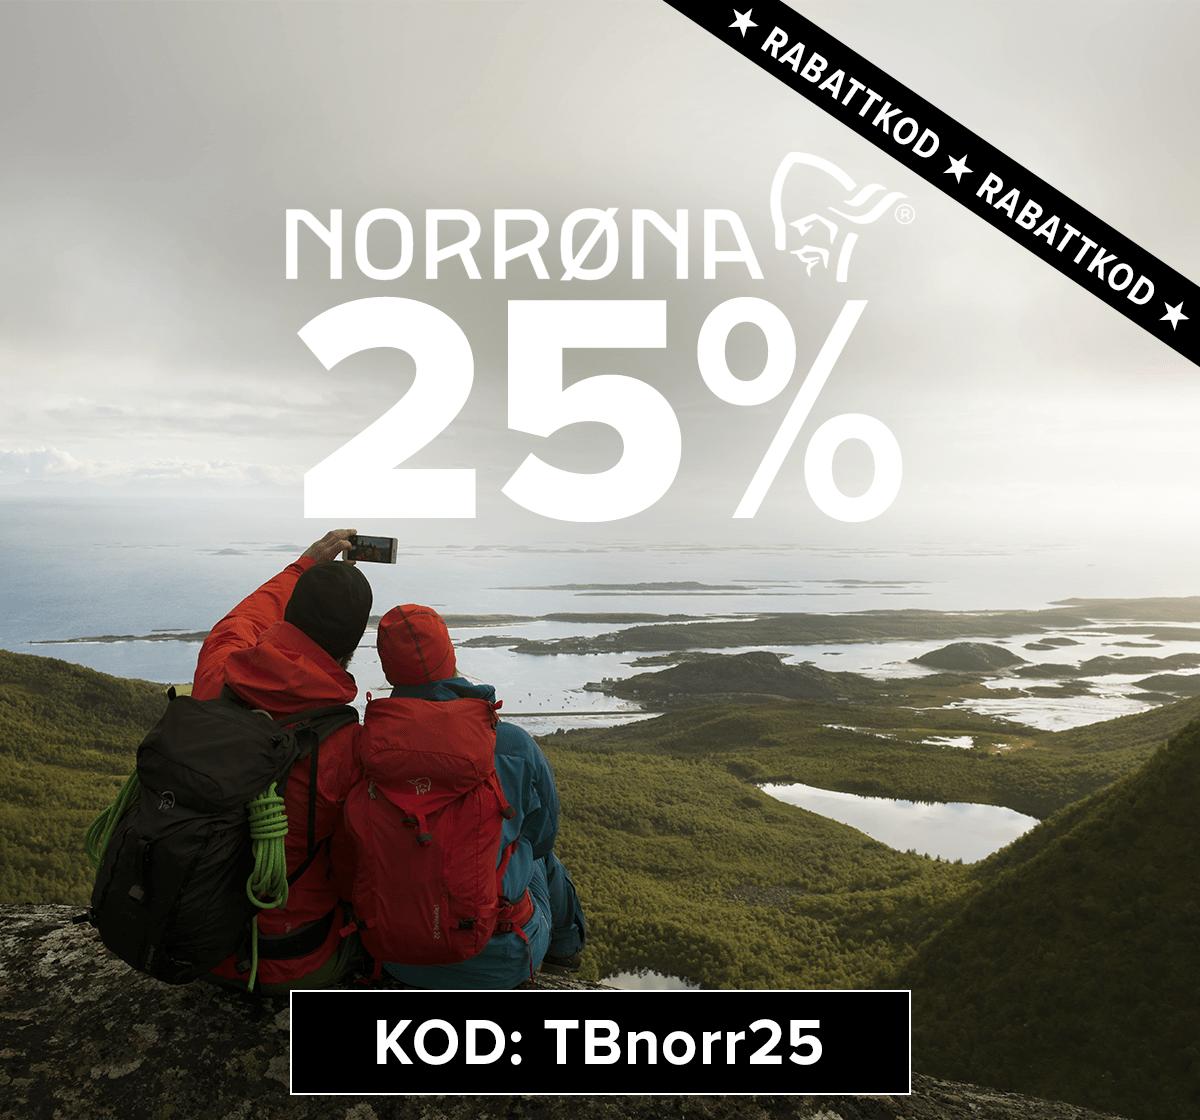 25% rabattkod på Norrøna. Kod: TBnorr25 - Klicka här >